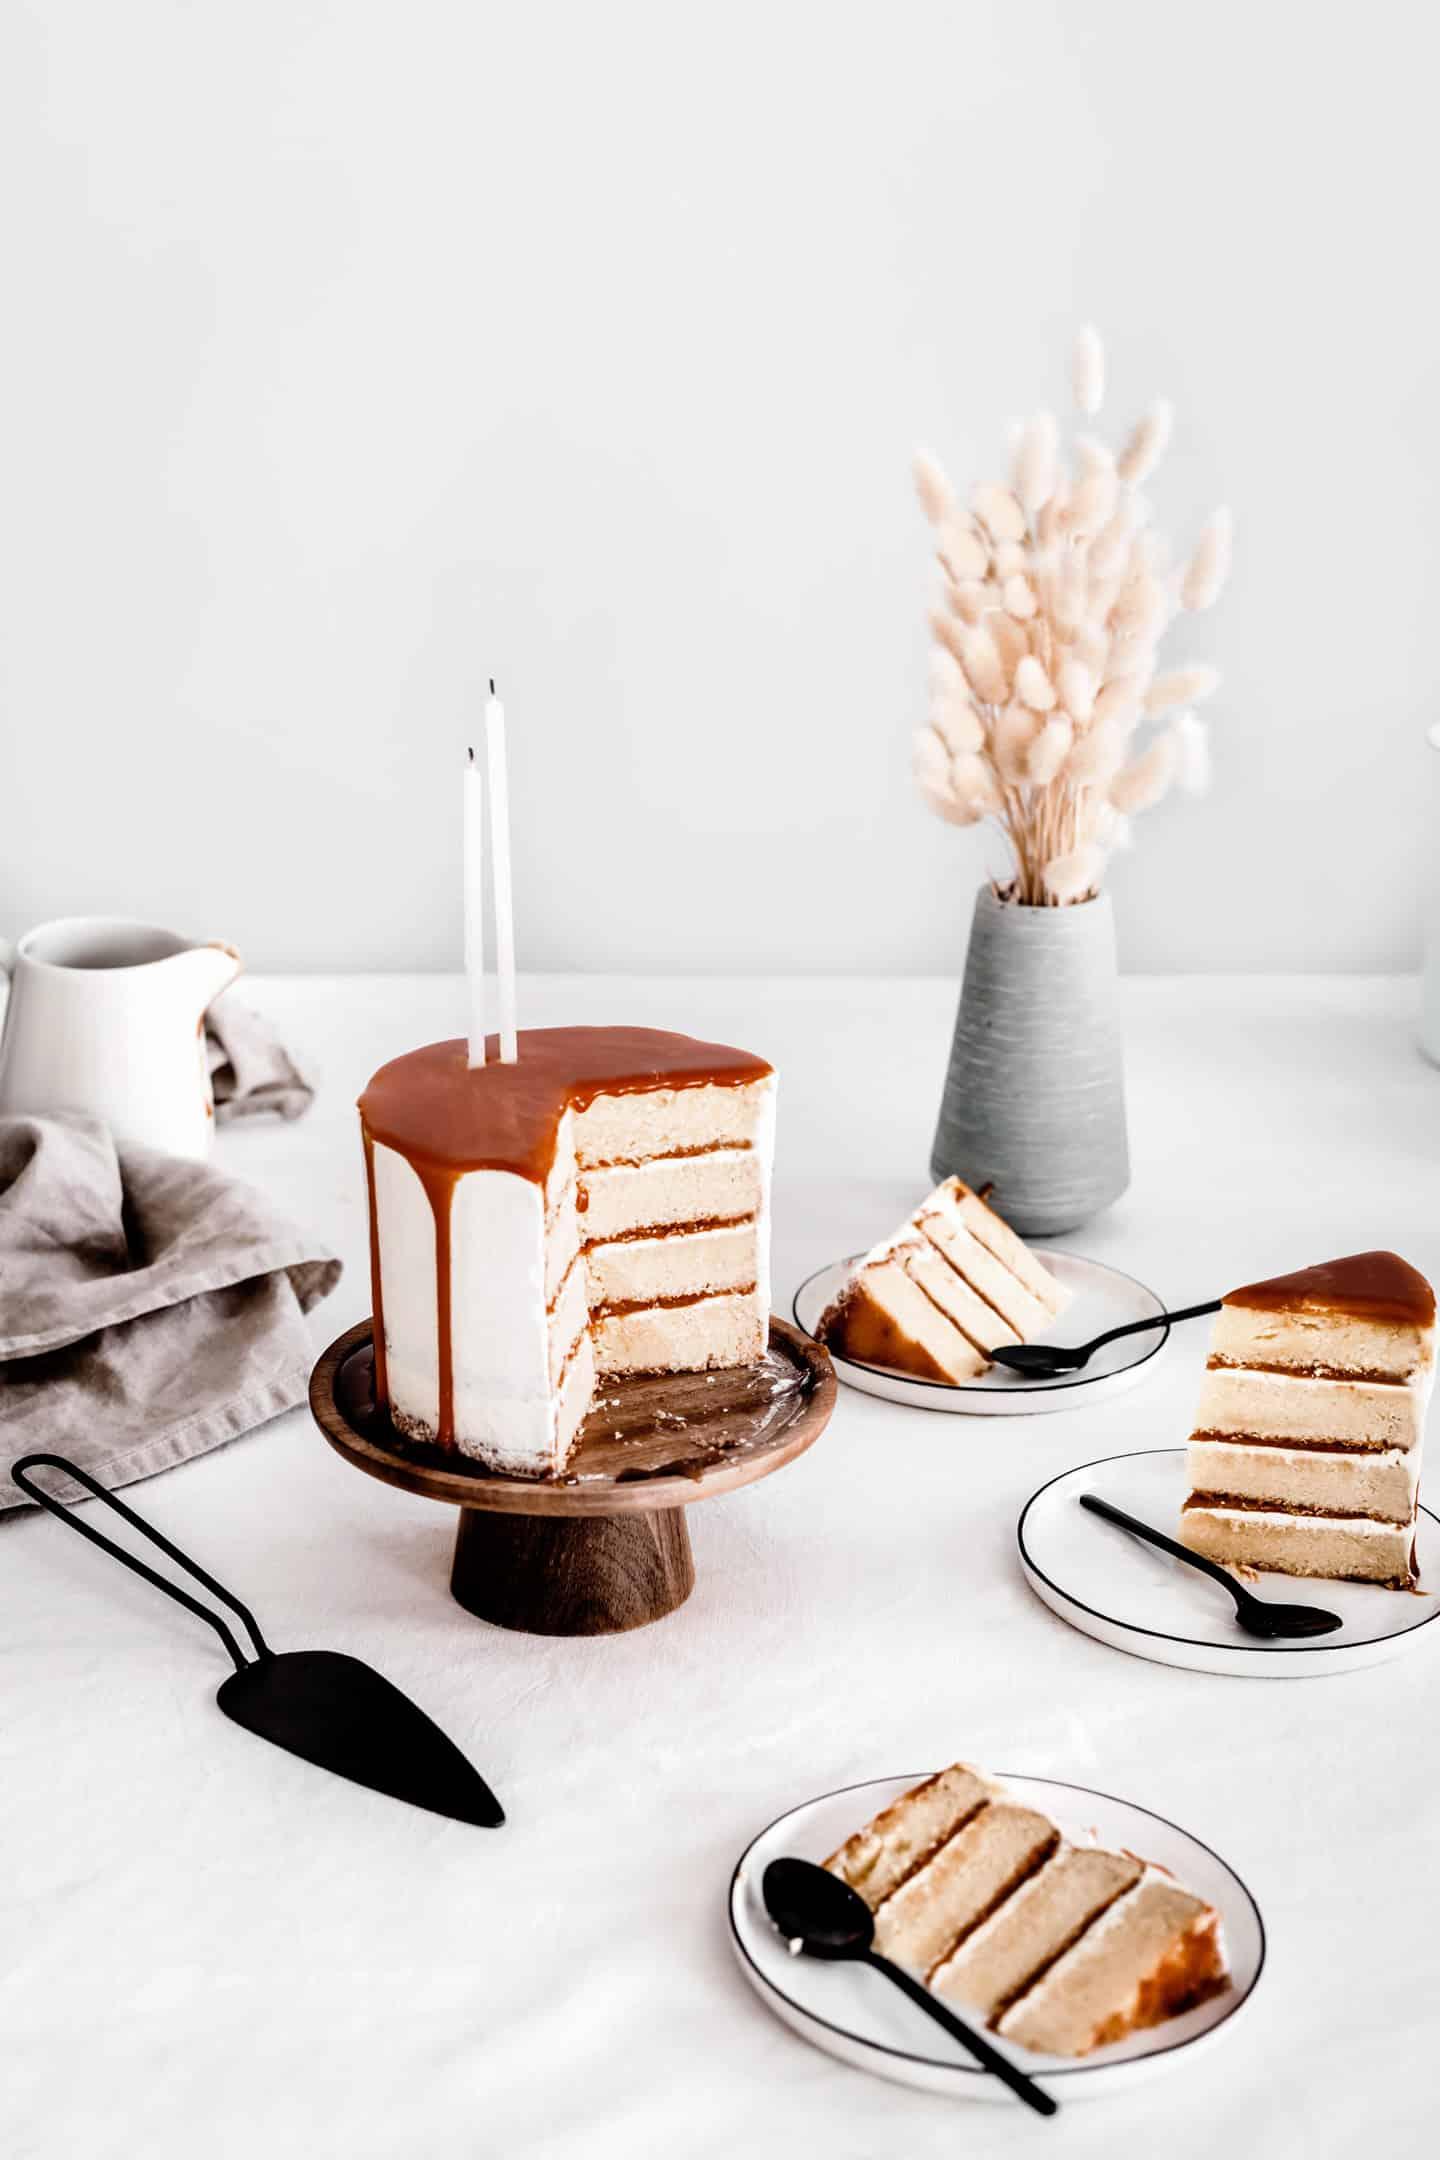 Layer cake vanille crème au beurre et caramel